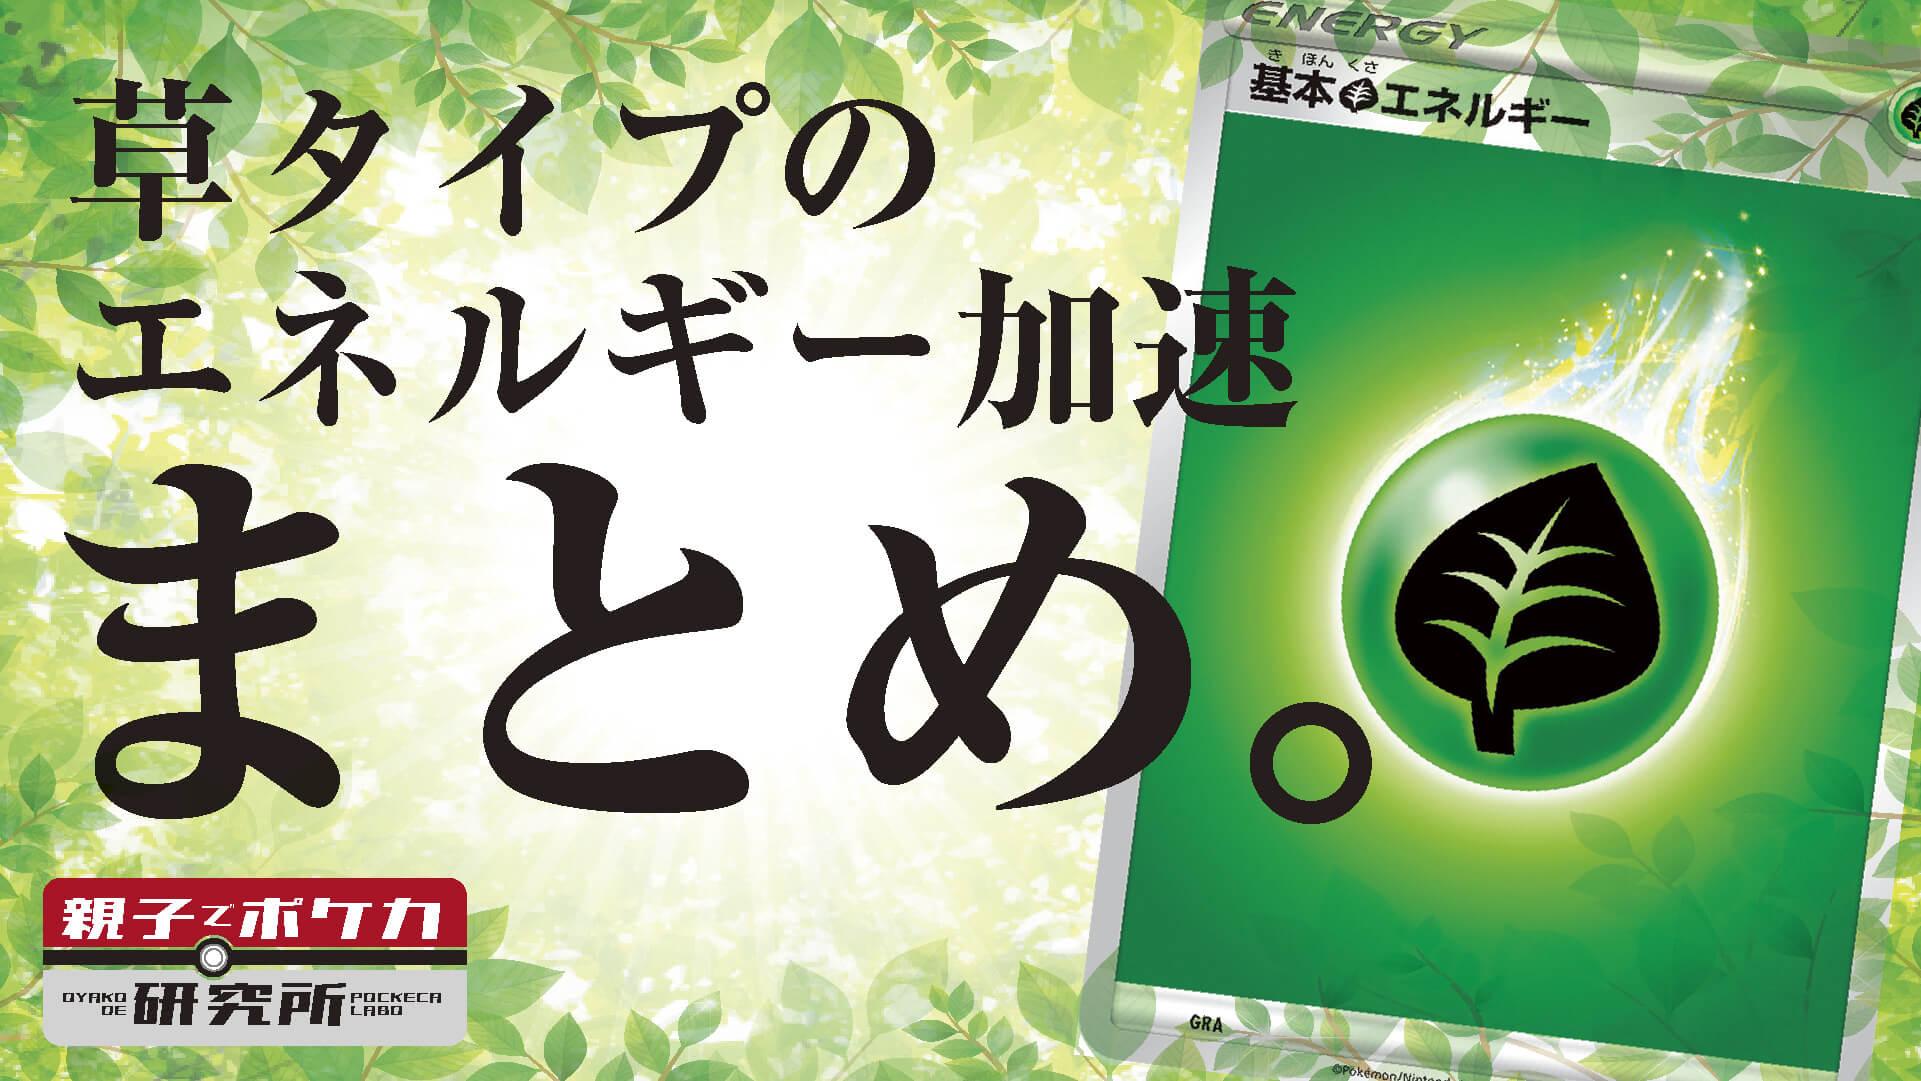 【ポケカ】草タイプのエネルギー加速手段まとめ/2021年3月版【ゴリランダー・ボルテージビート一択】